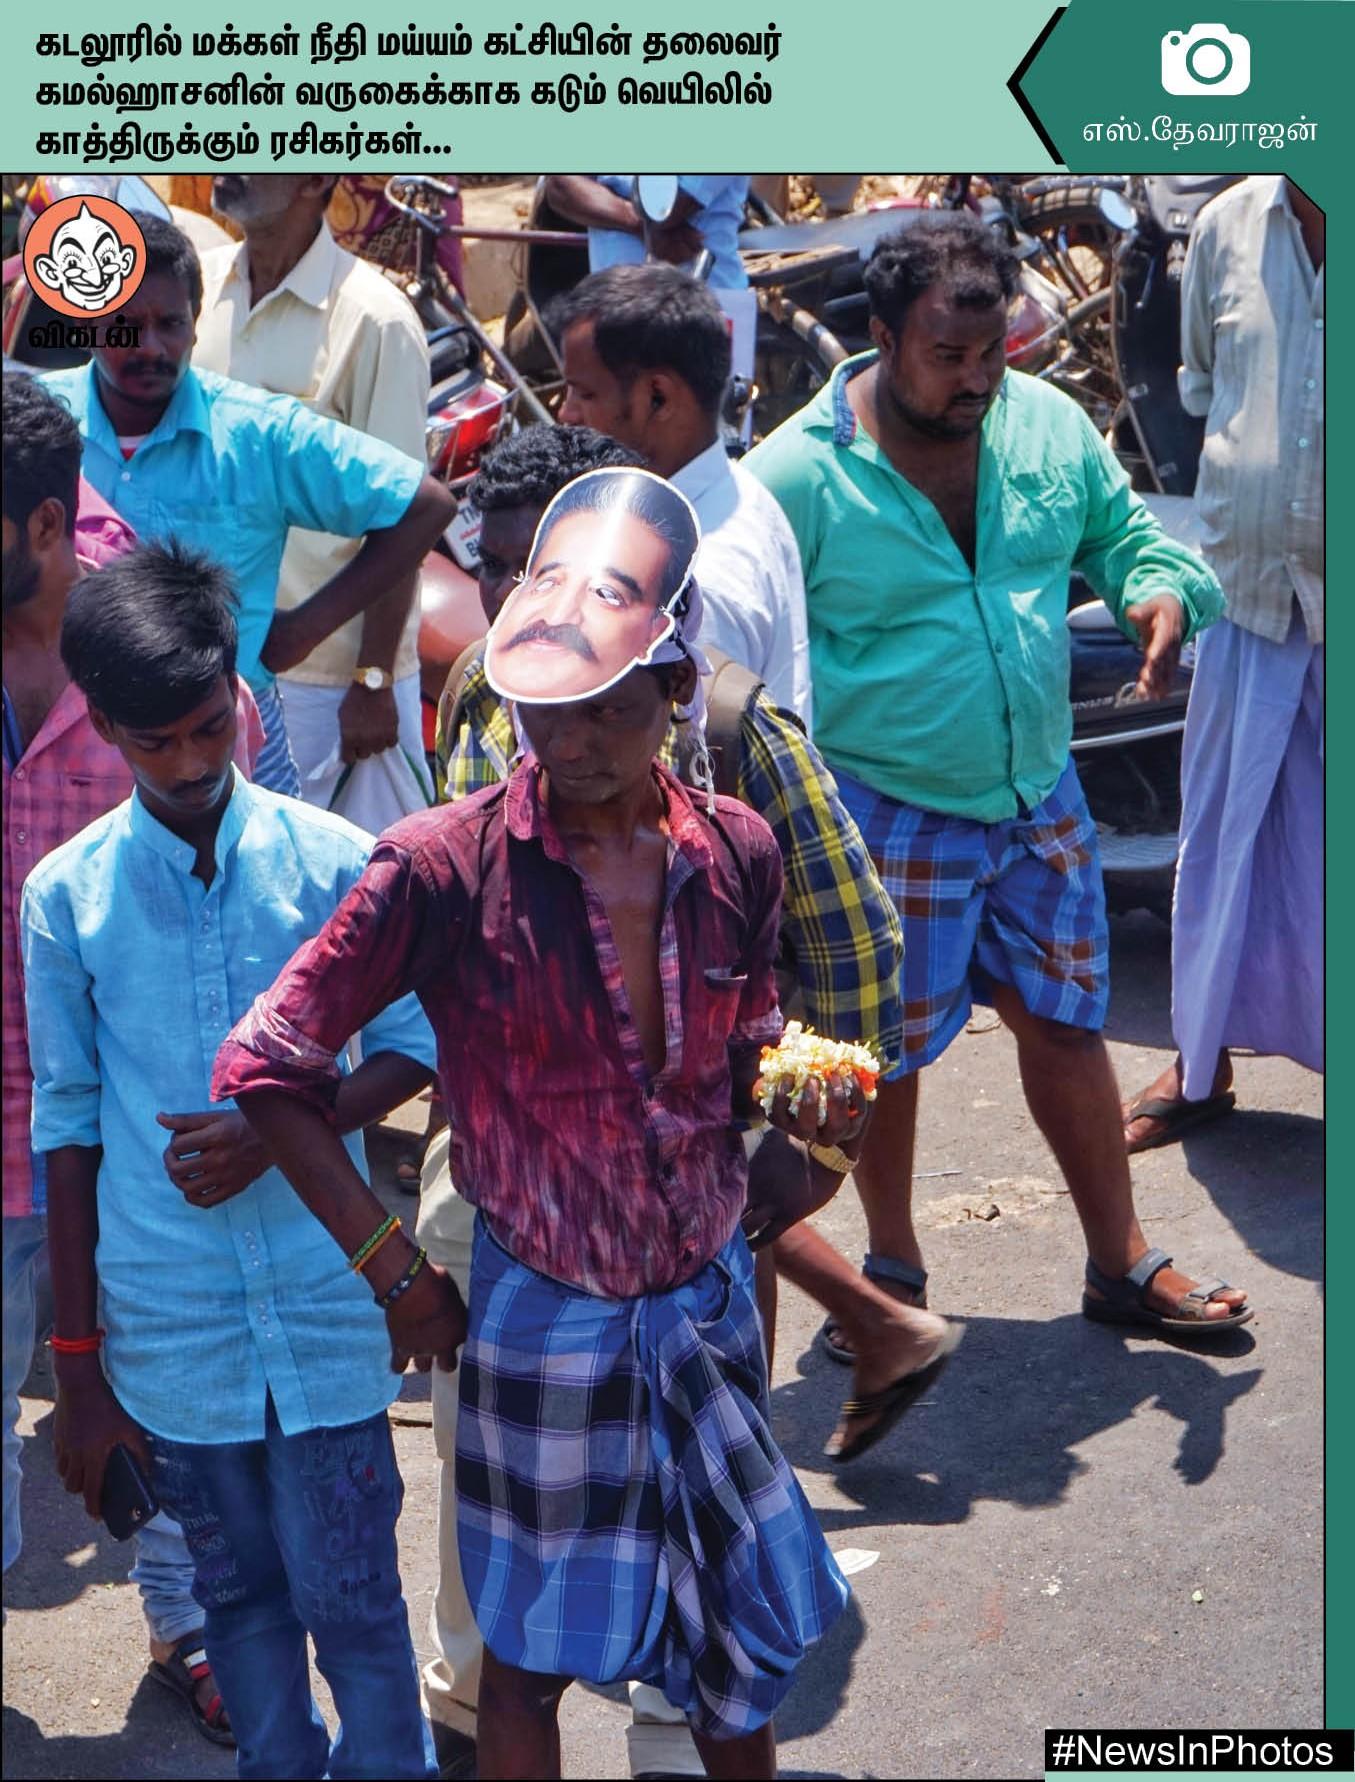 ஸ்டாலினை வரவேற்கும் நாராயணசாமி... திருவாரூரில் வாக்குசேகரிக்கும் அருள்நிதி... #NewsInPhotos